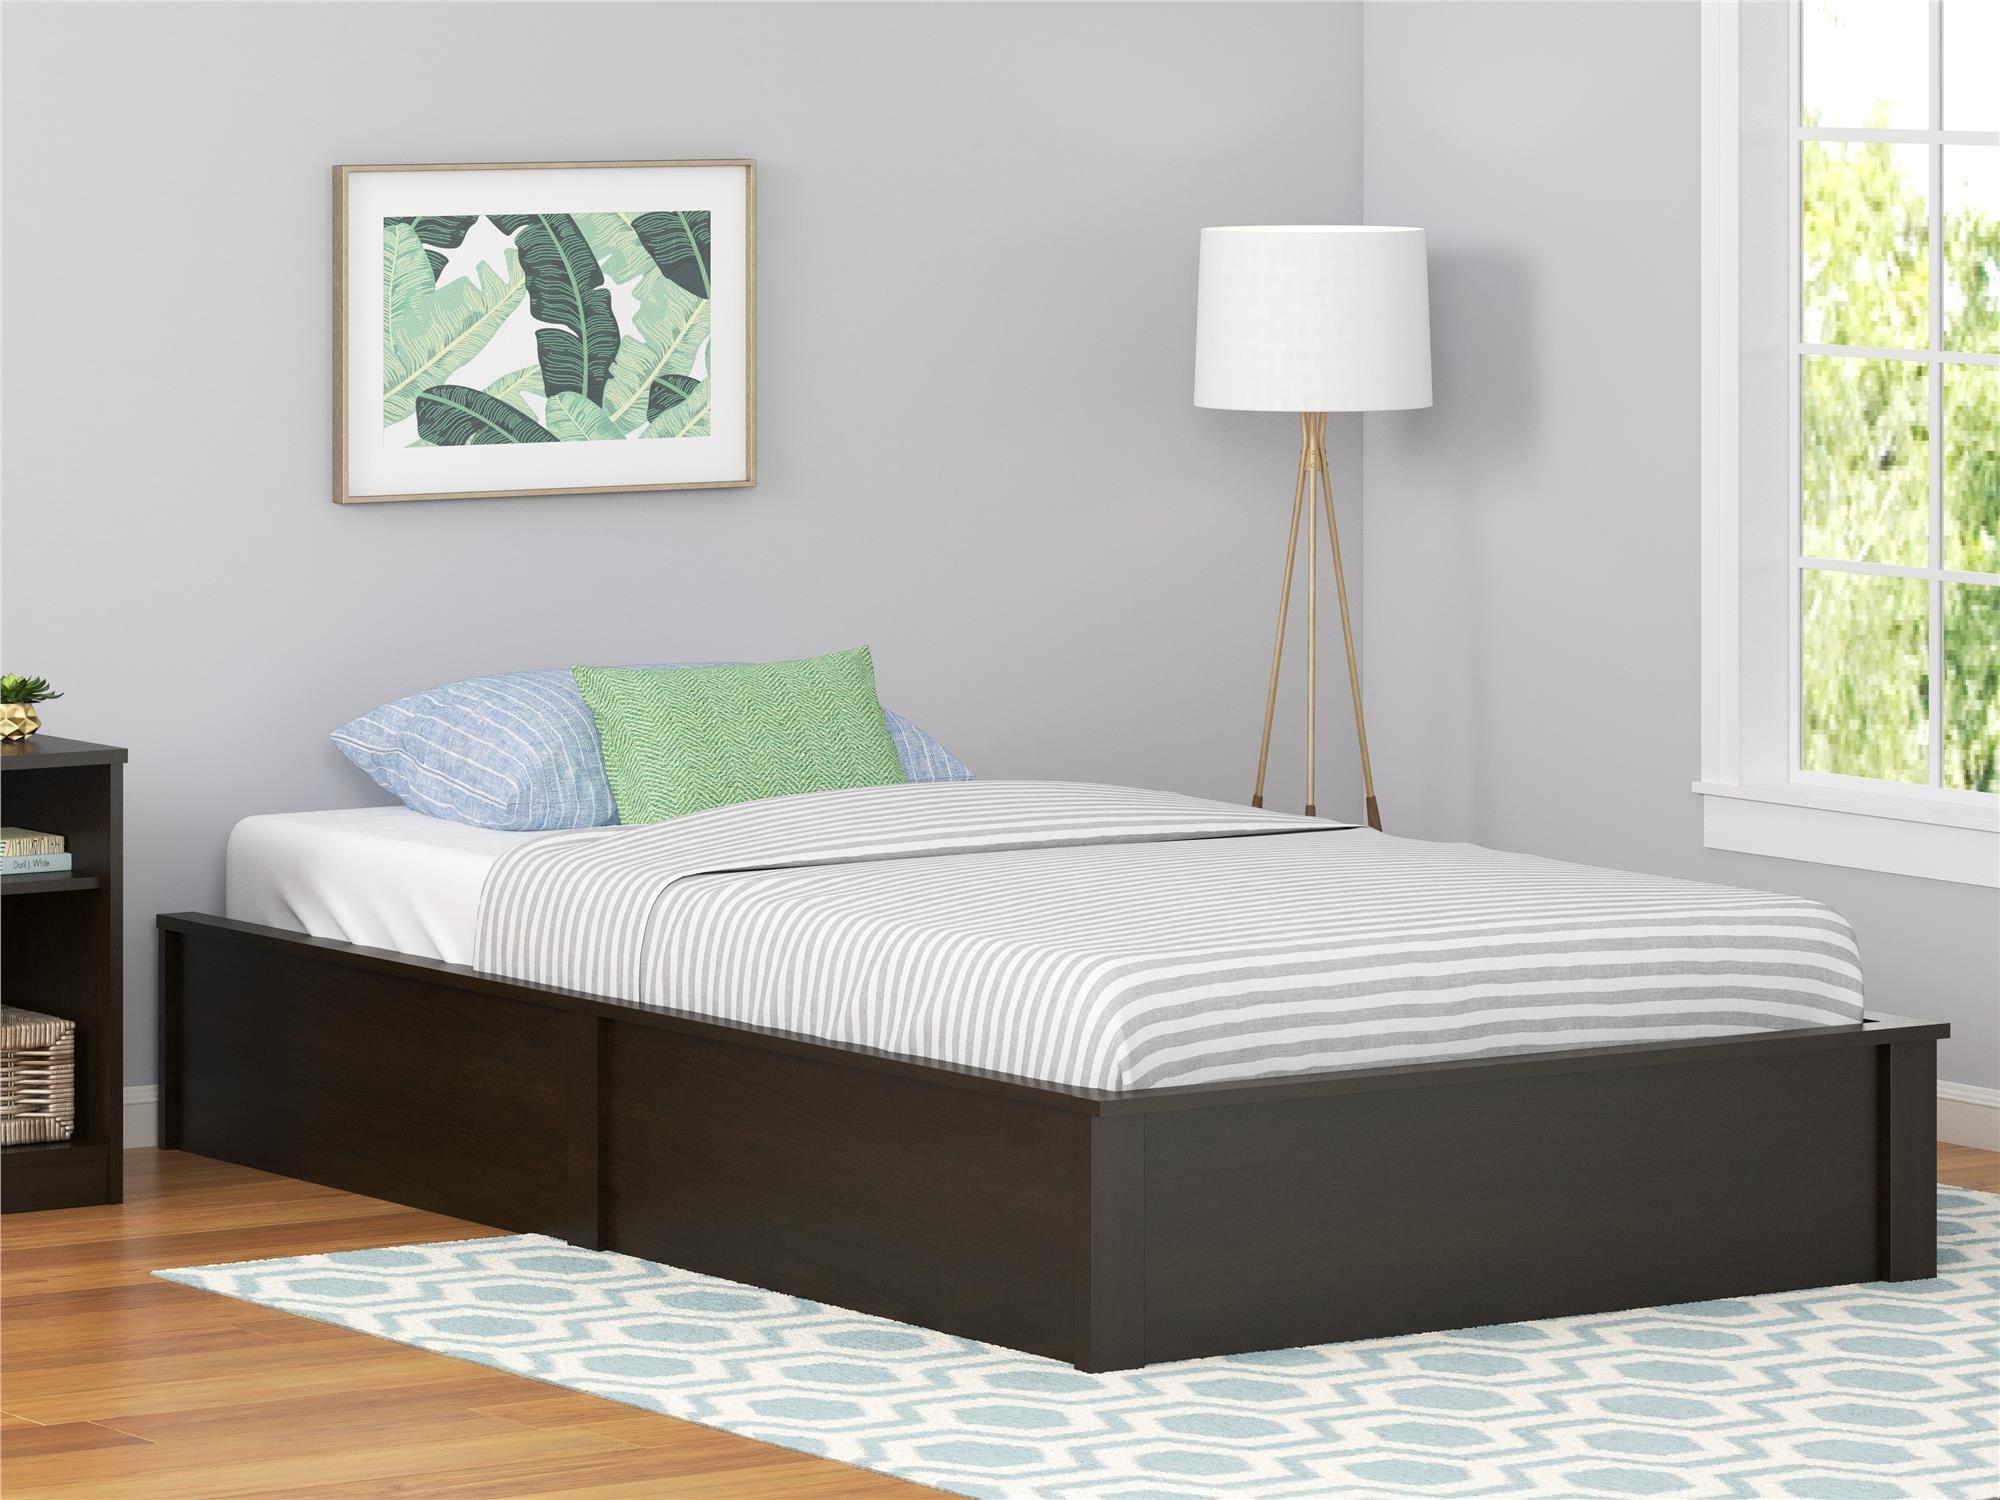 Ameriwood Home Twin Platform Bed Frame, Espresso